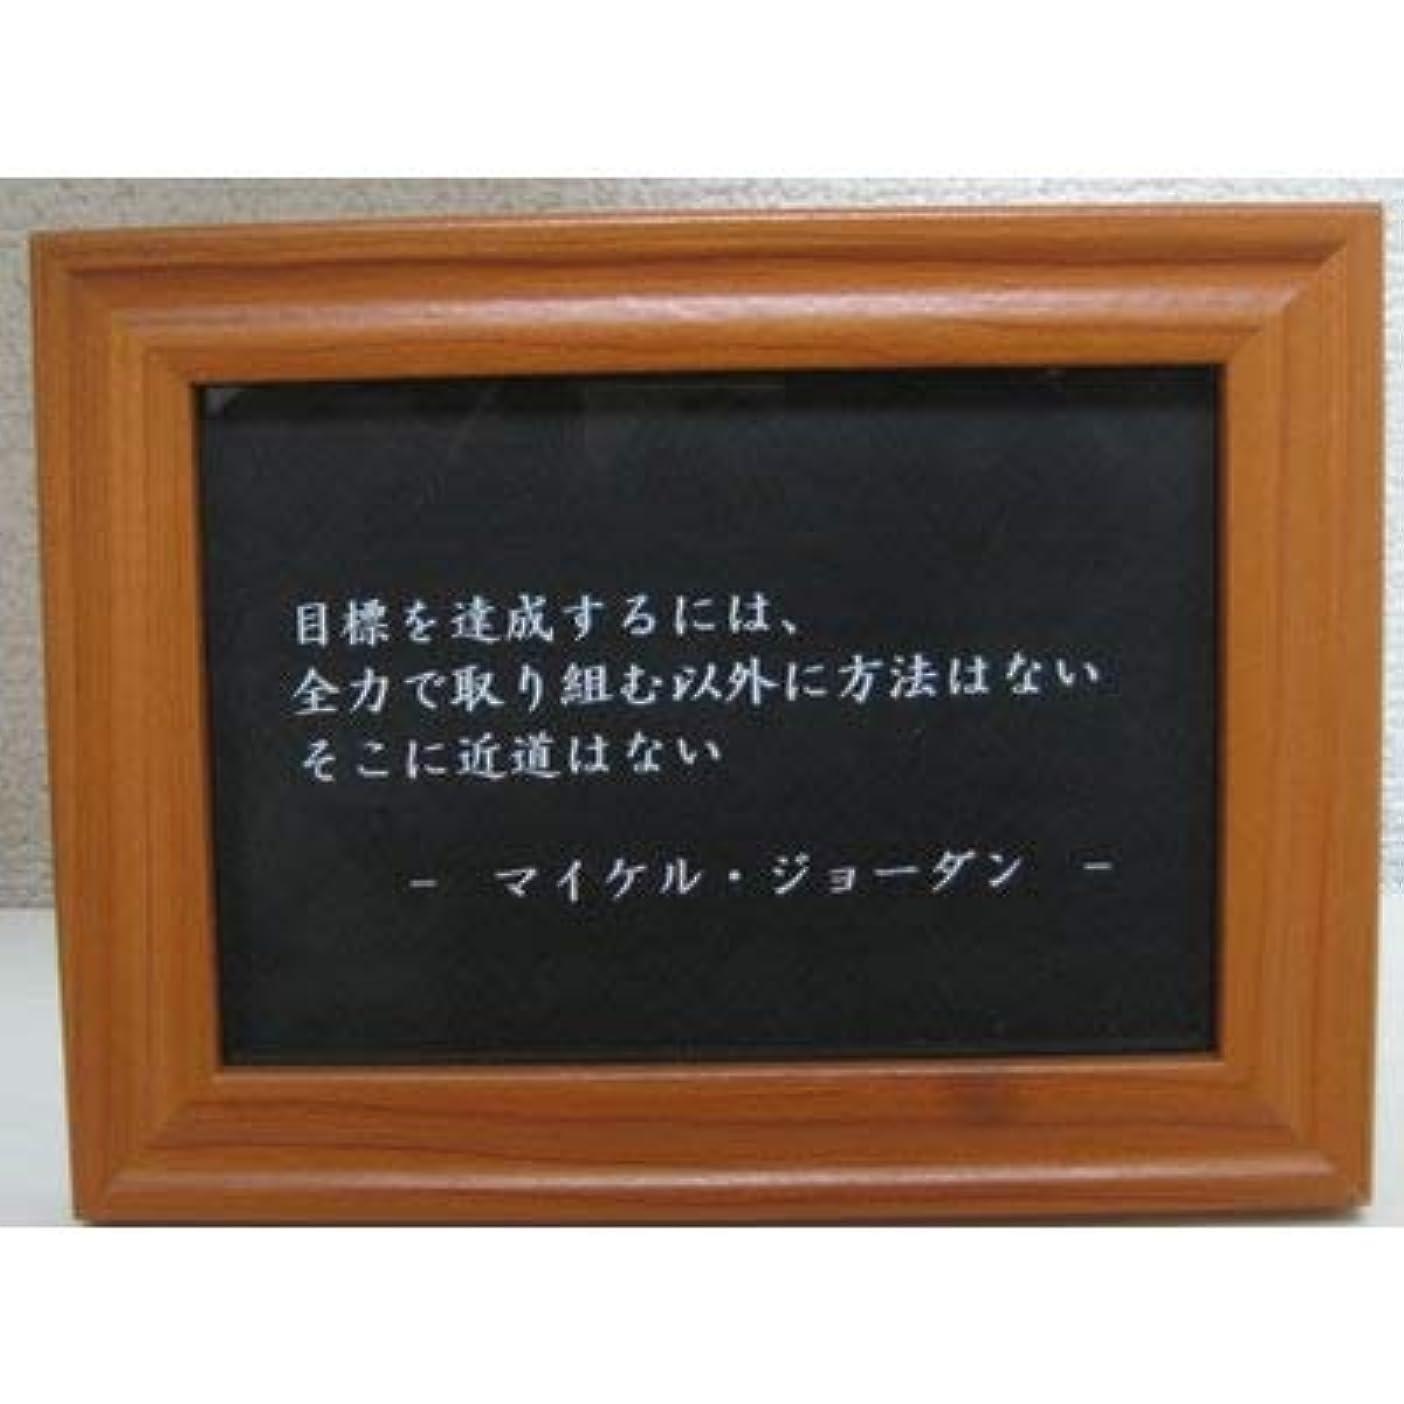 脱走フリース反応するマイケルジョーダン 名言 格言 写真立て グッズ 啓蒙 偉人 金言 座右の銘 雑貨